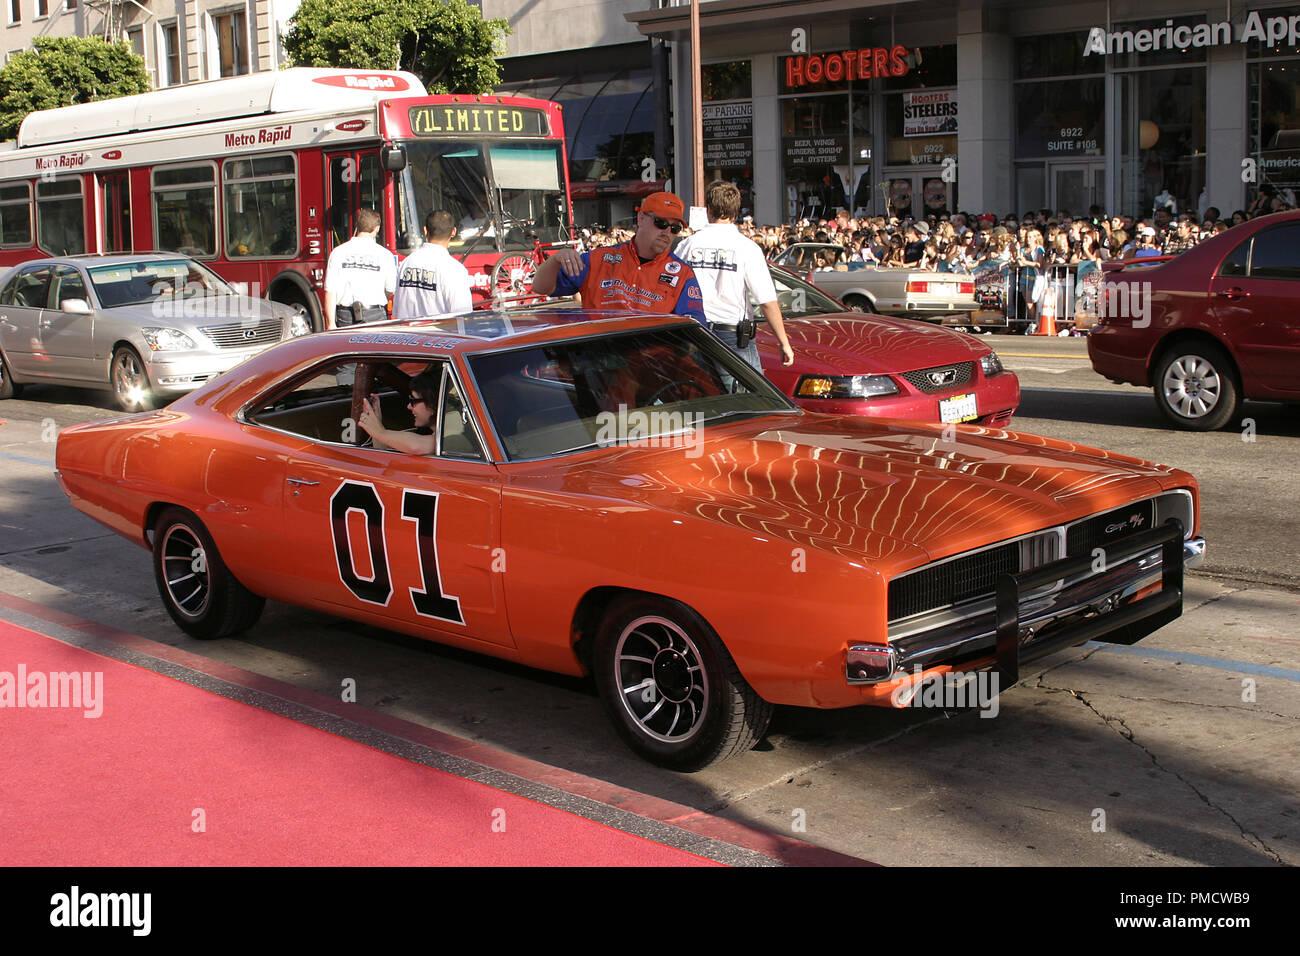 Dukes Of Hazzard 2005 Stock Photos & Dukes Of Hazzard 2005 ...  Dukes Of Hazzar...